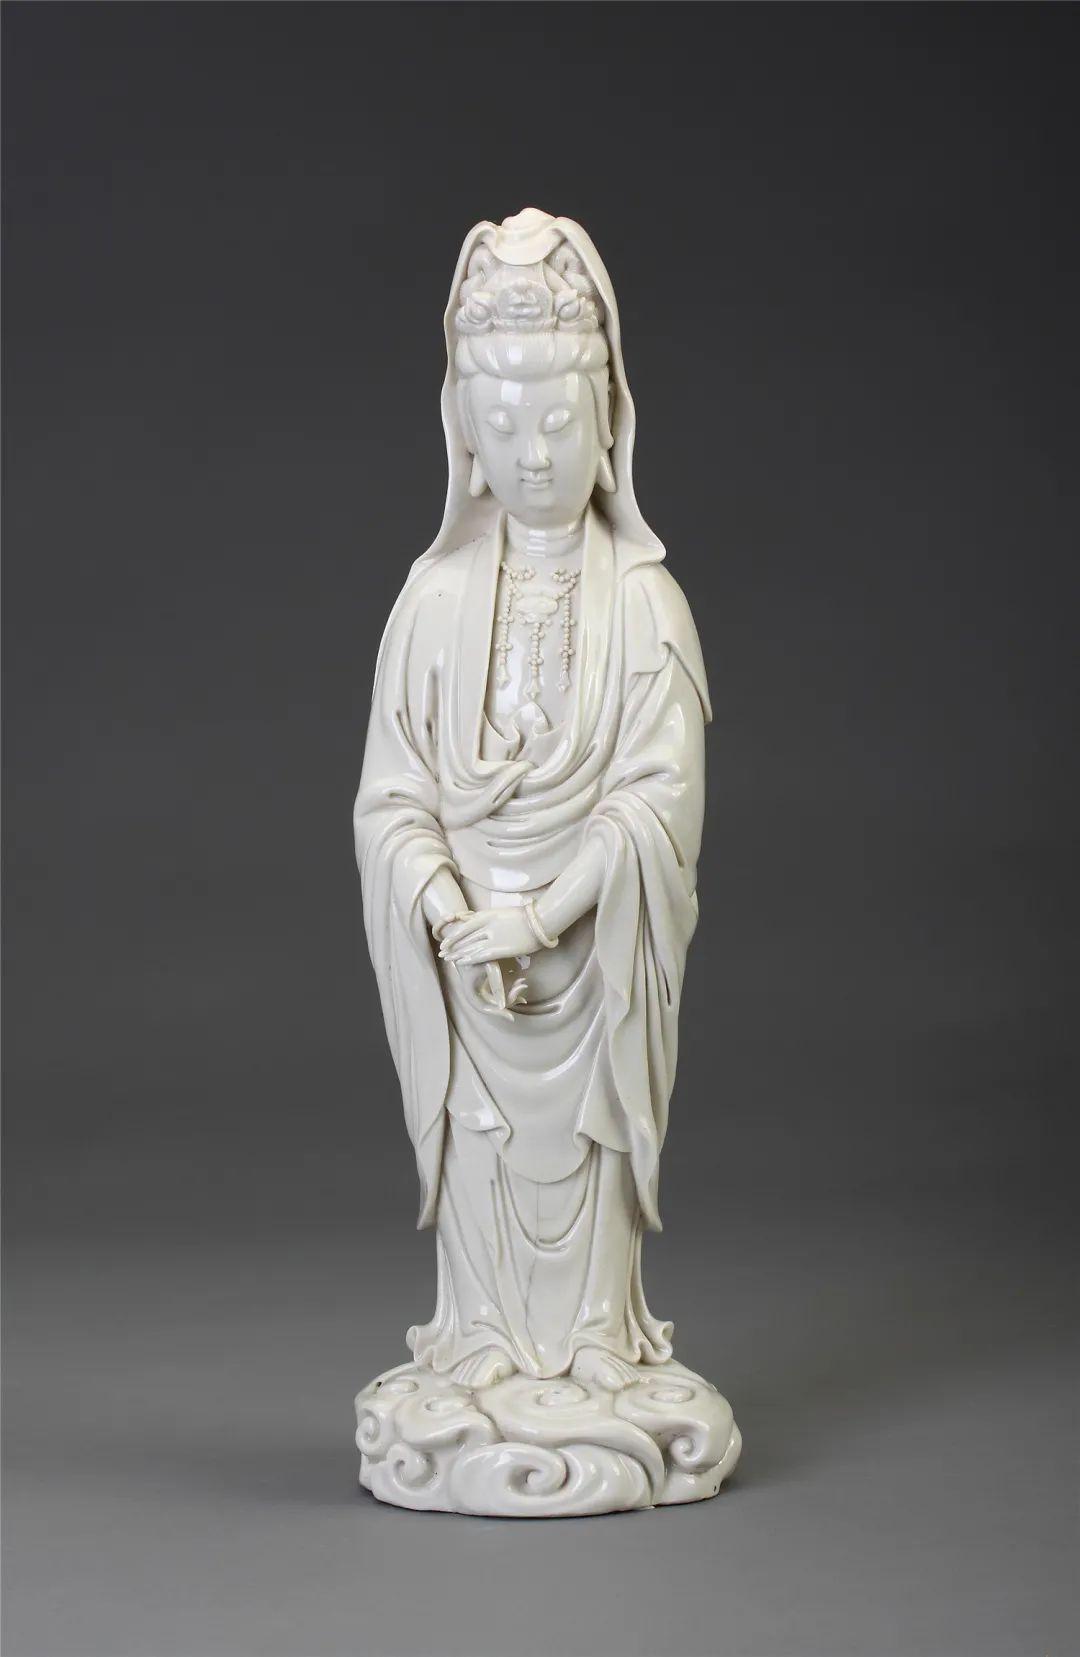 德化窑何朝宗款白釉观音立像明高50厘米,底径14.5厘米福建博物院藏